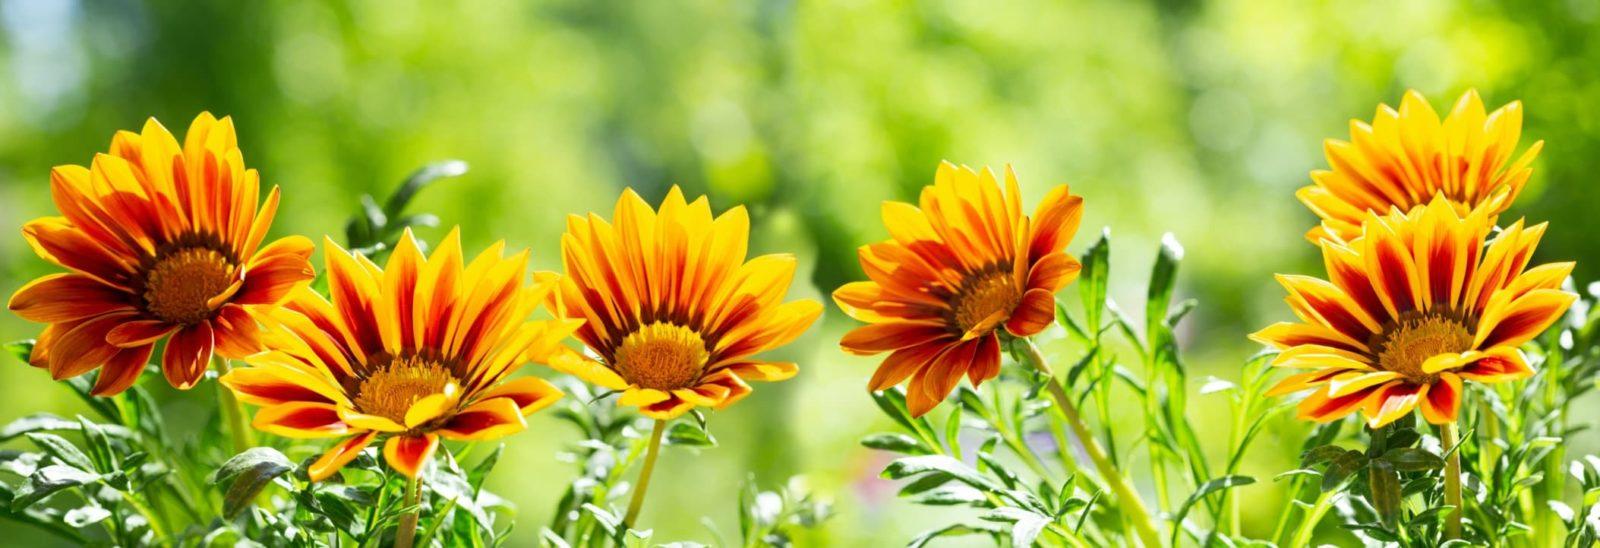 red and yellow gazania flowers